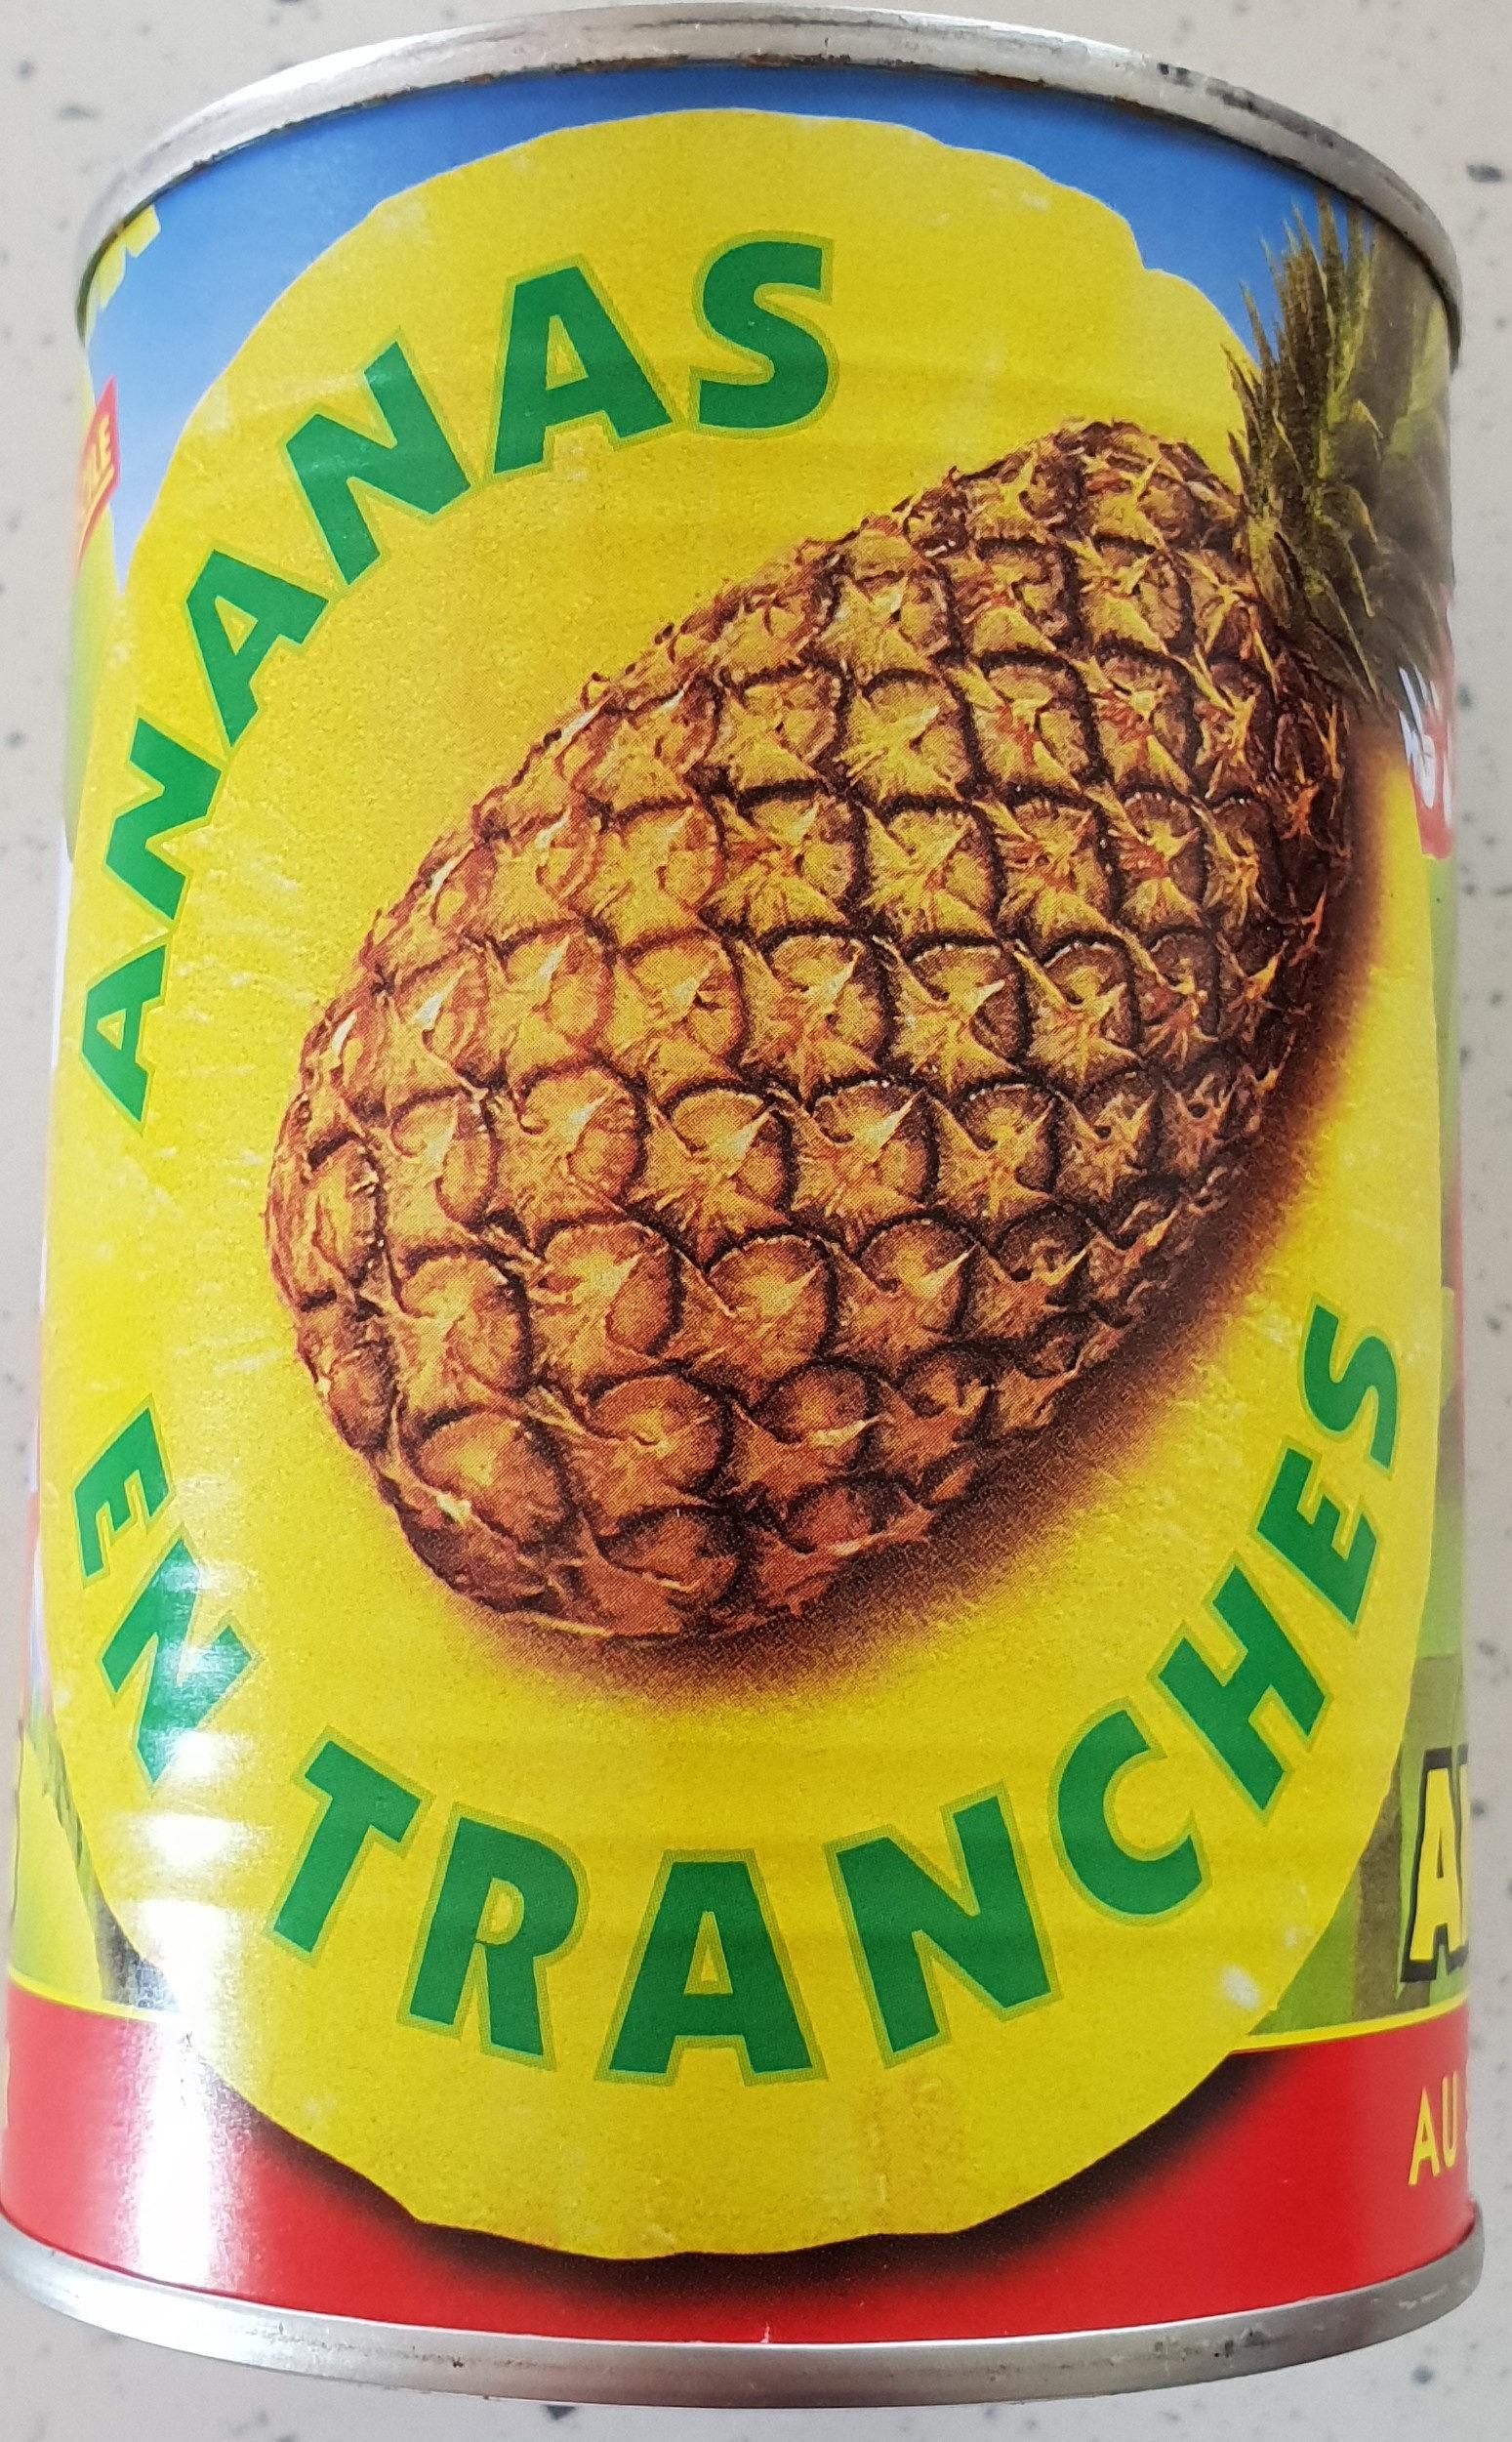 Ananas Conserve Mont Pelé - Product - fr